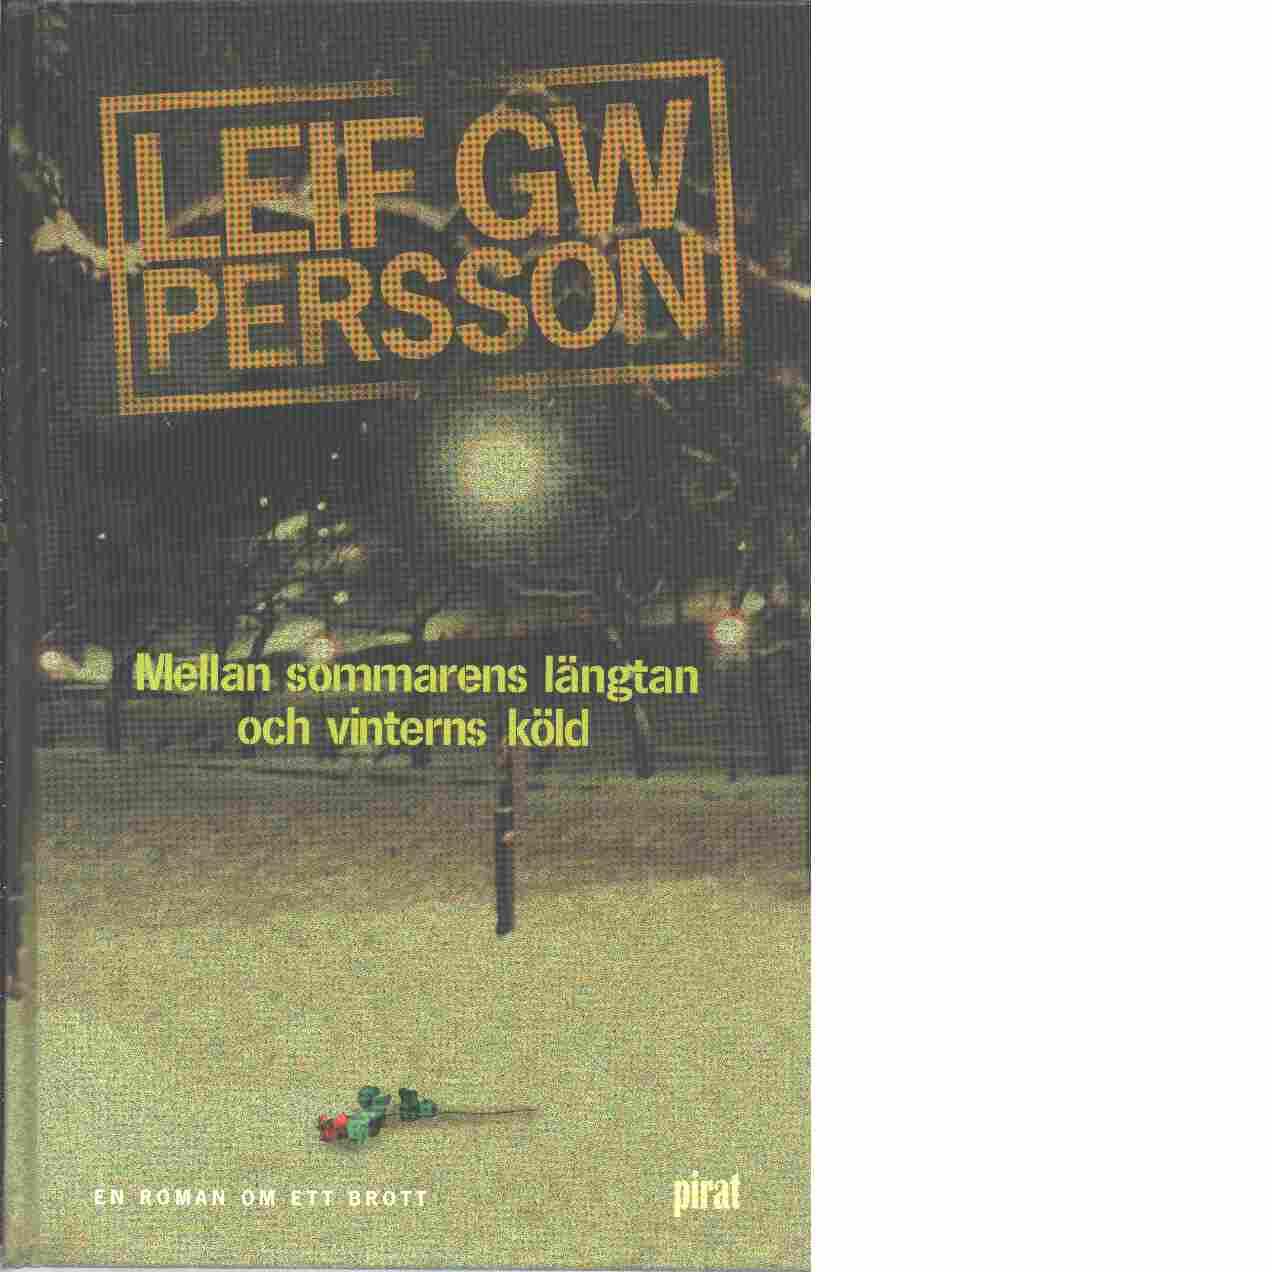 Mellan sommarens längtan och vinterns köld : en roman om ett brott - Persson, Leif G. W